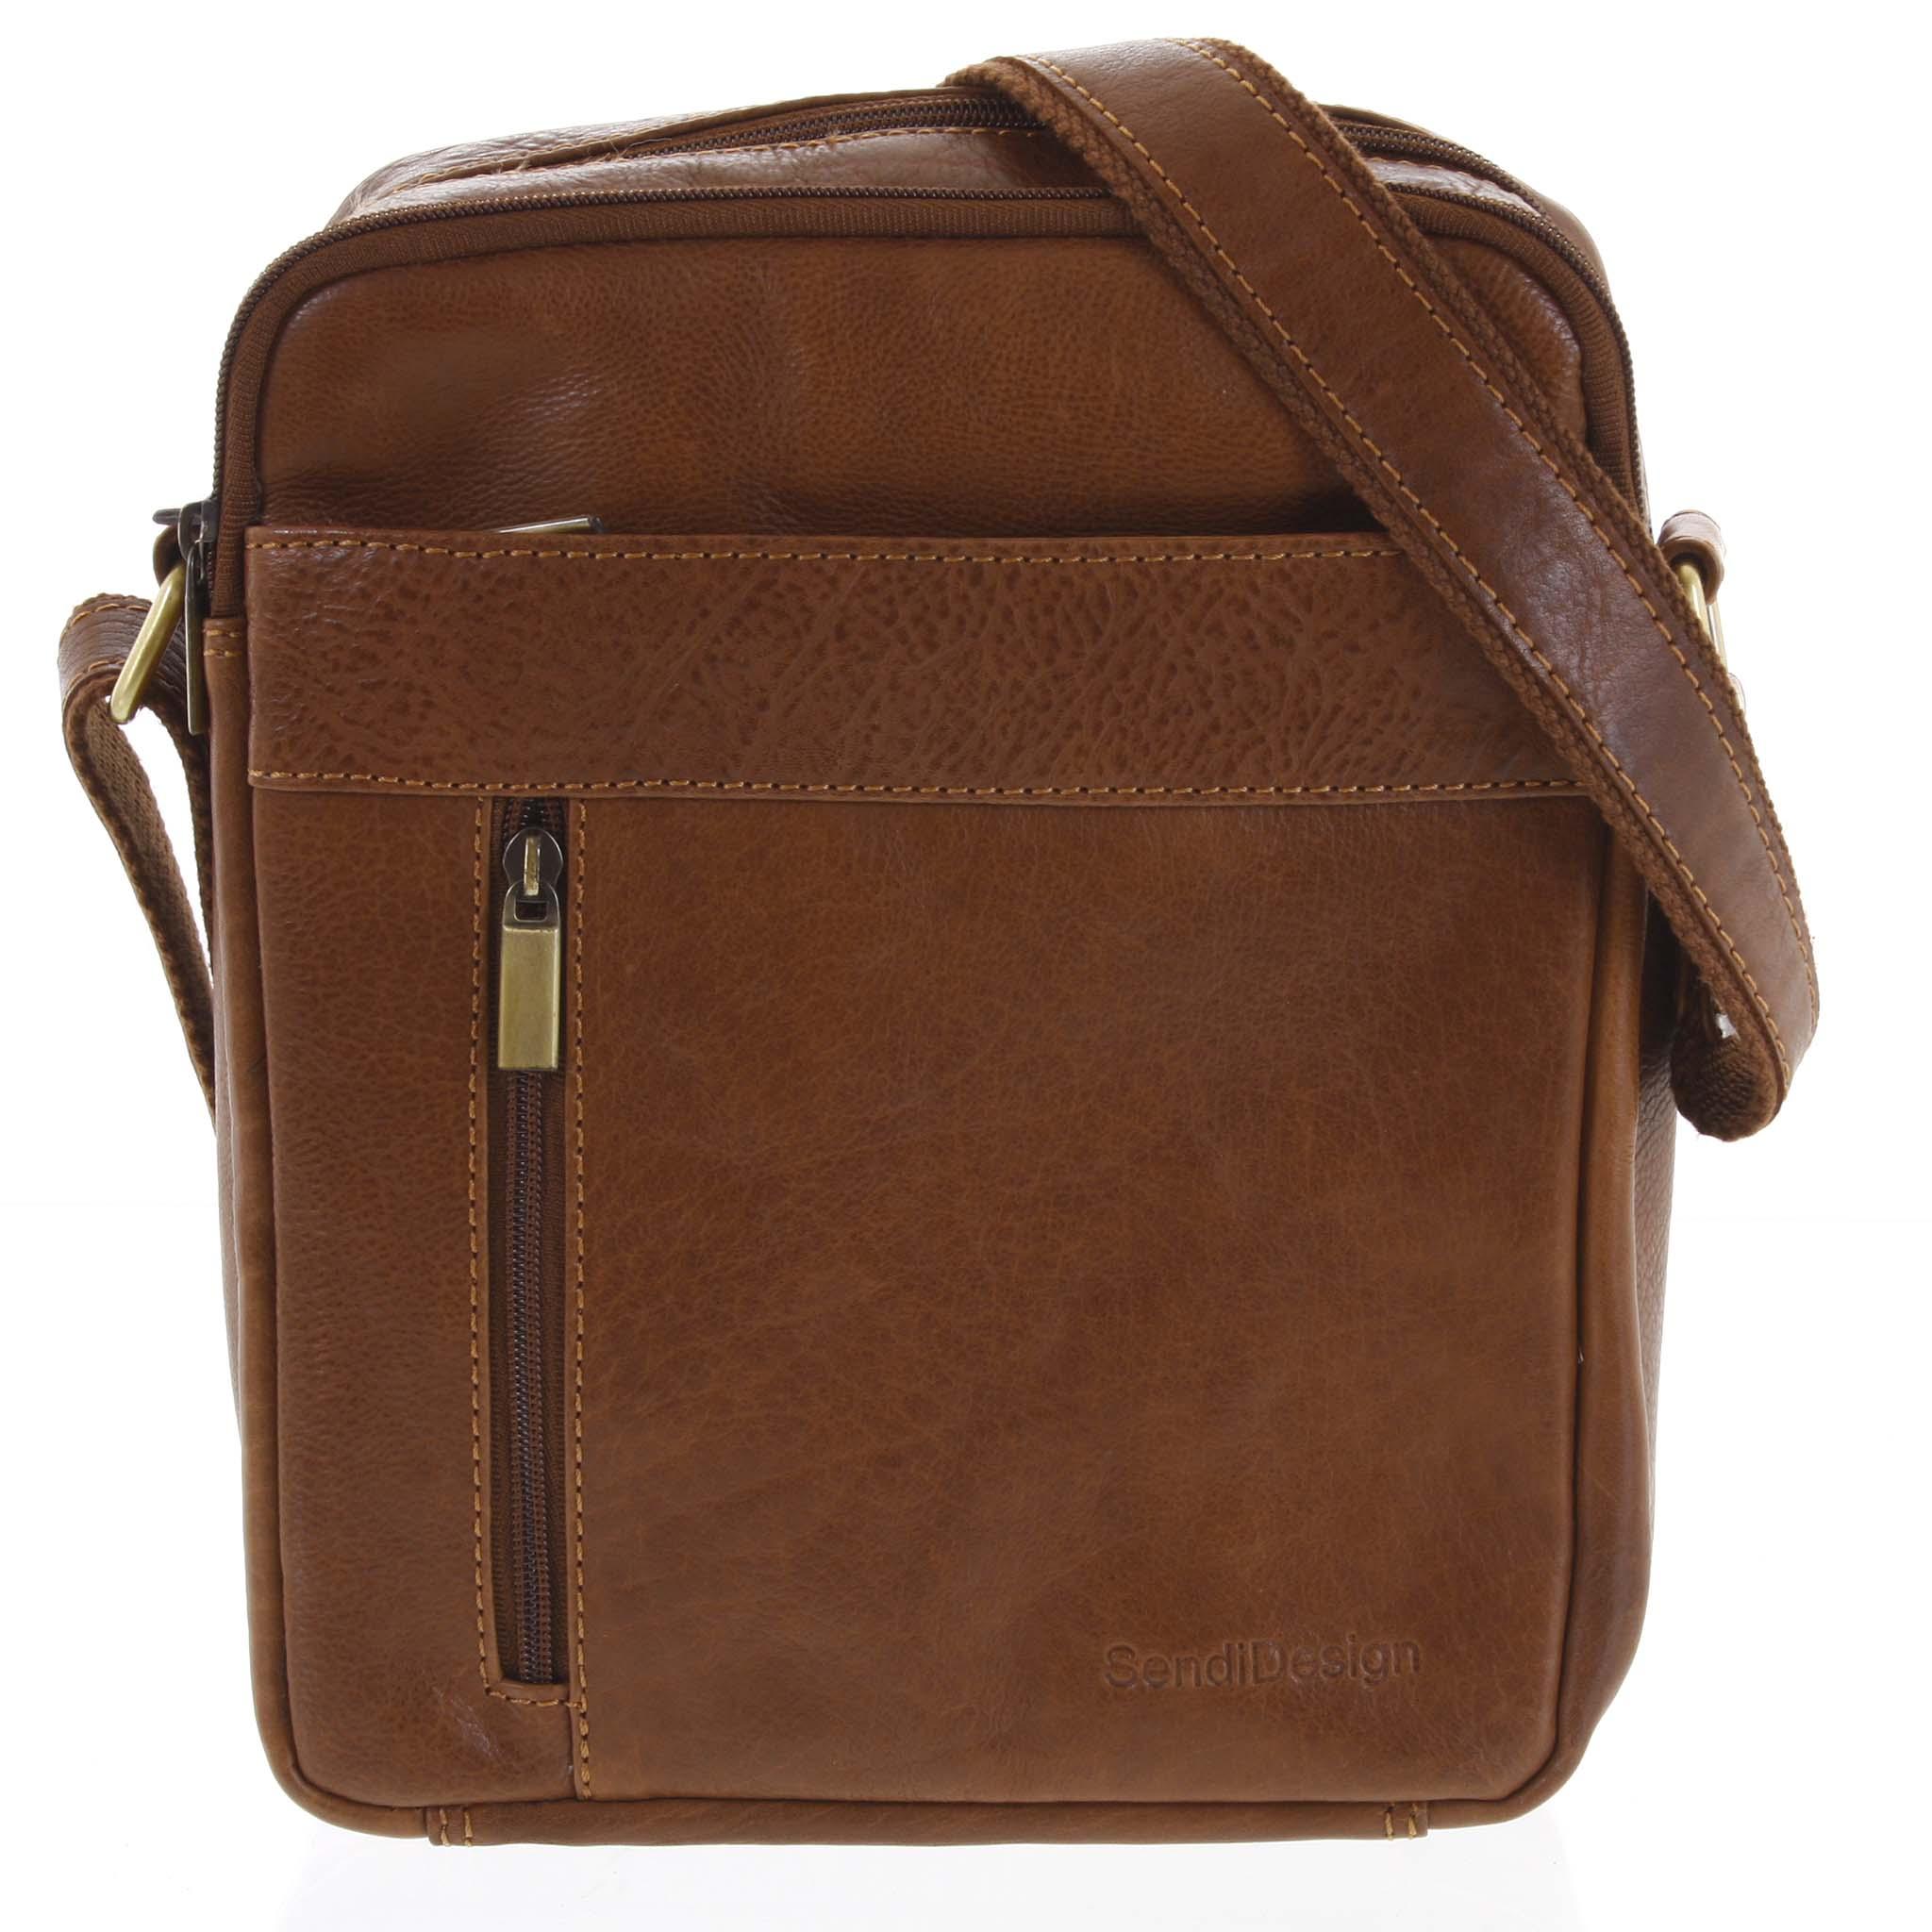 Pánská kožená taška přes rameno hnědá - SendiDesign Lennon hnědá